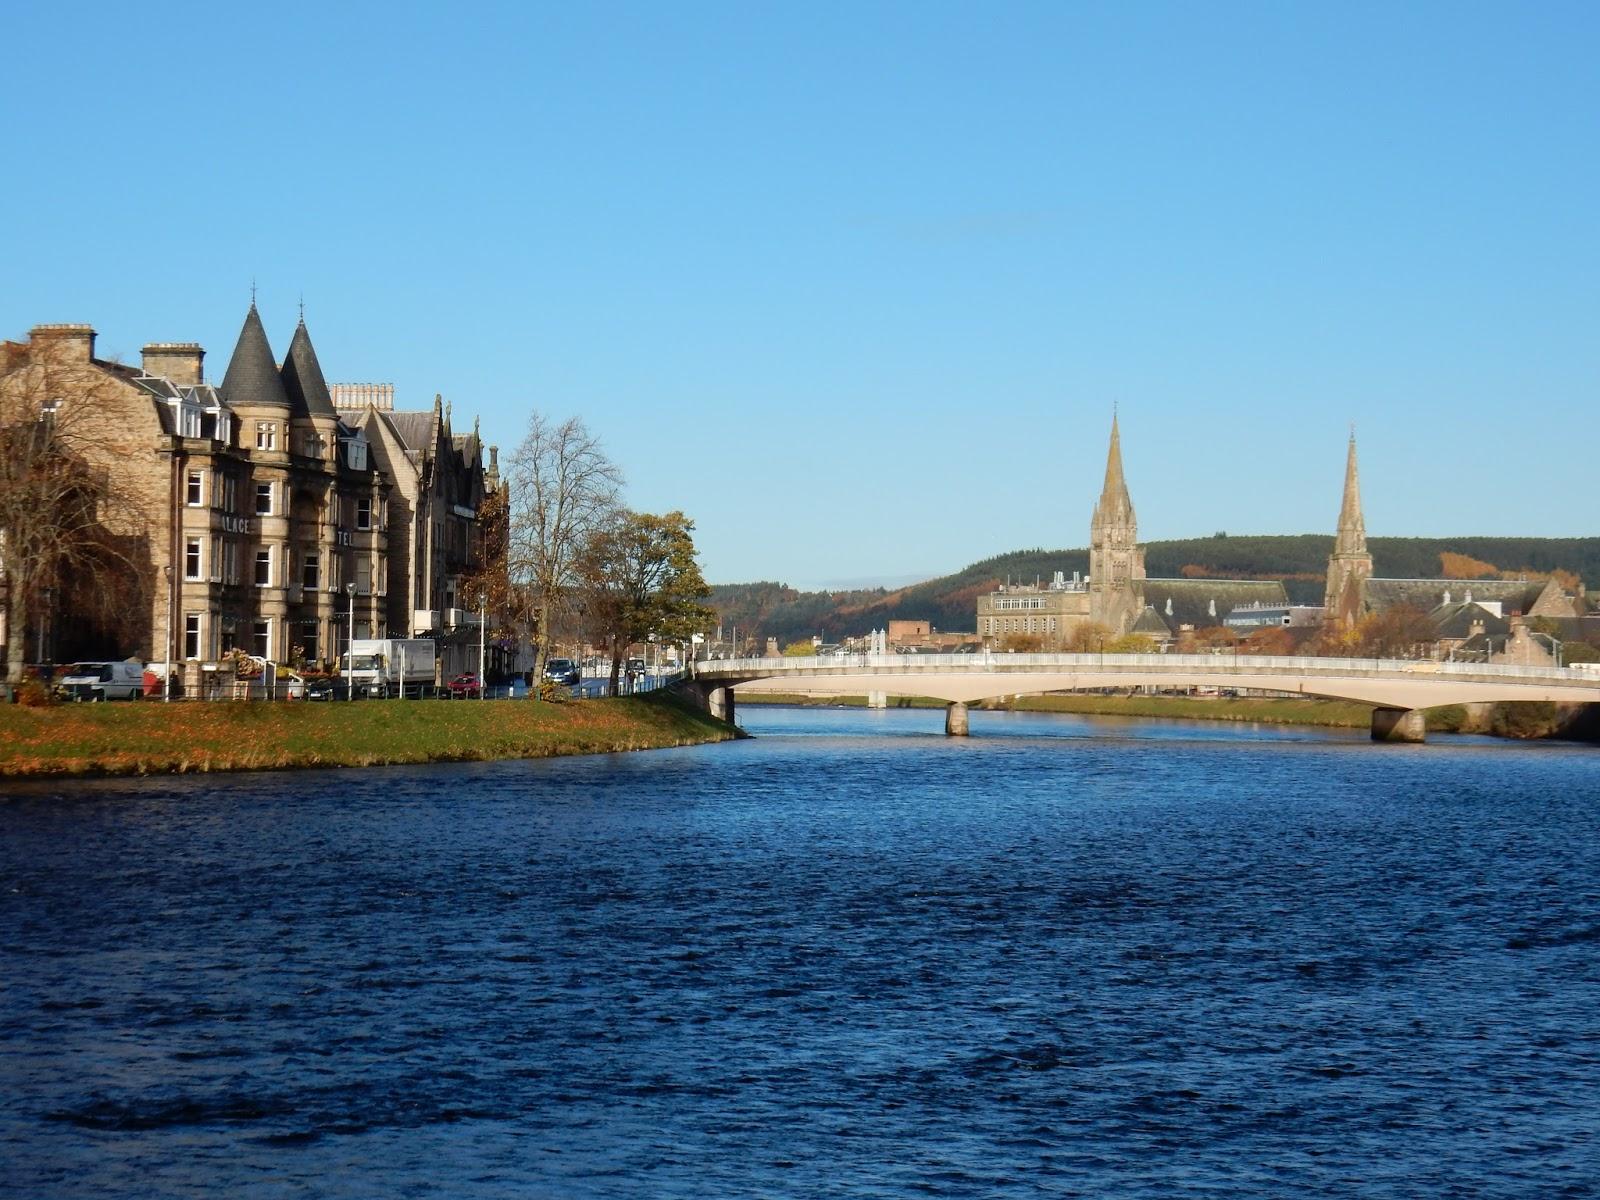 En este momento estás viendo Inverness, la lejana capital de las Highlands